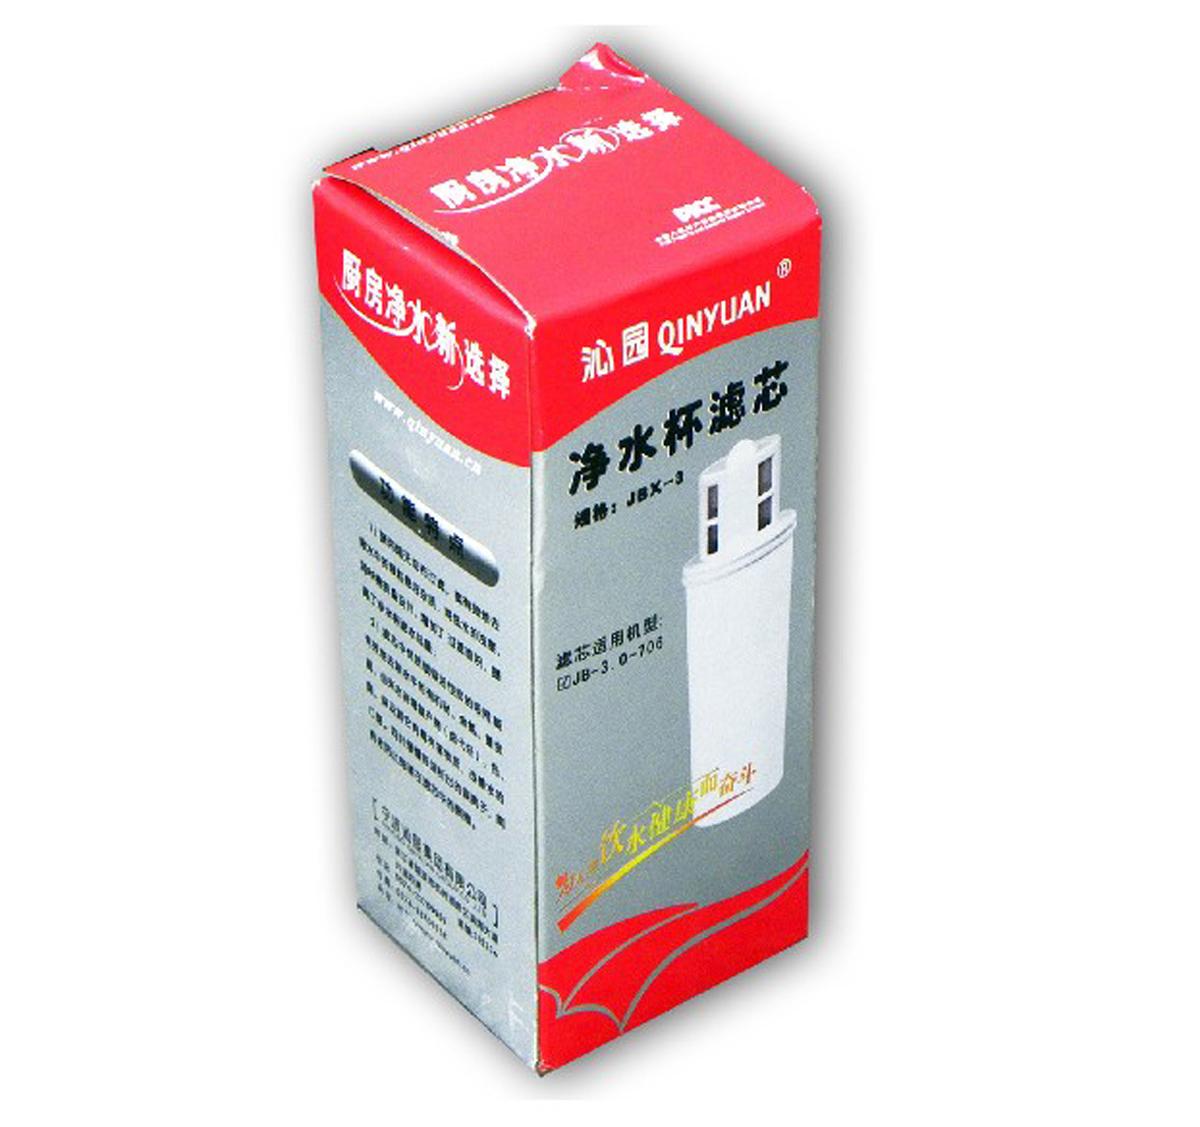 Фильтр для воды Patio JBX/3 JBX-3( 706)